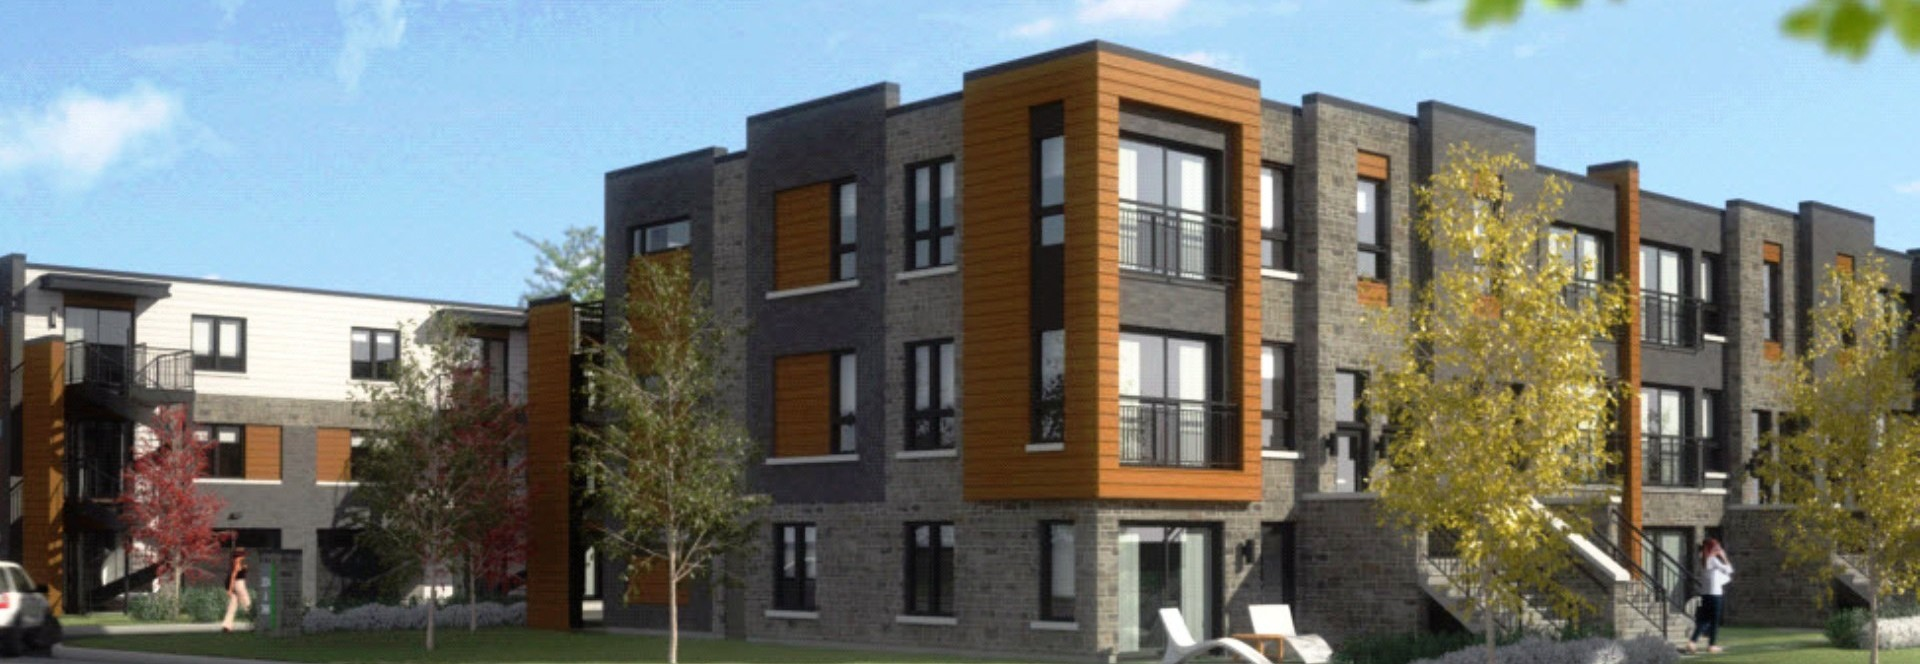 Logiplex_logement_a_louer_Laval_Veridis_Facade_1920x1200